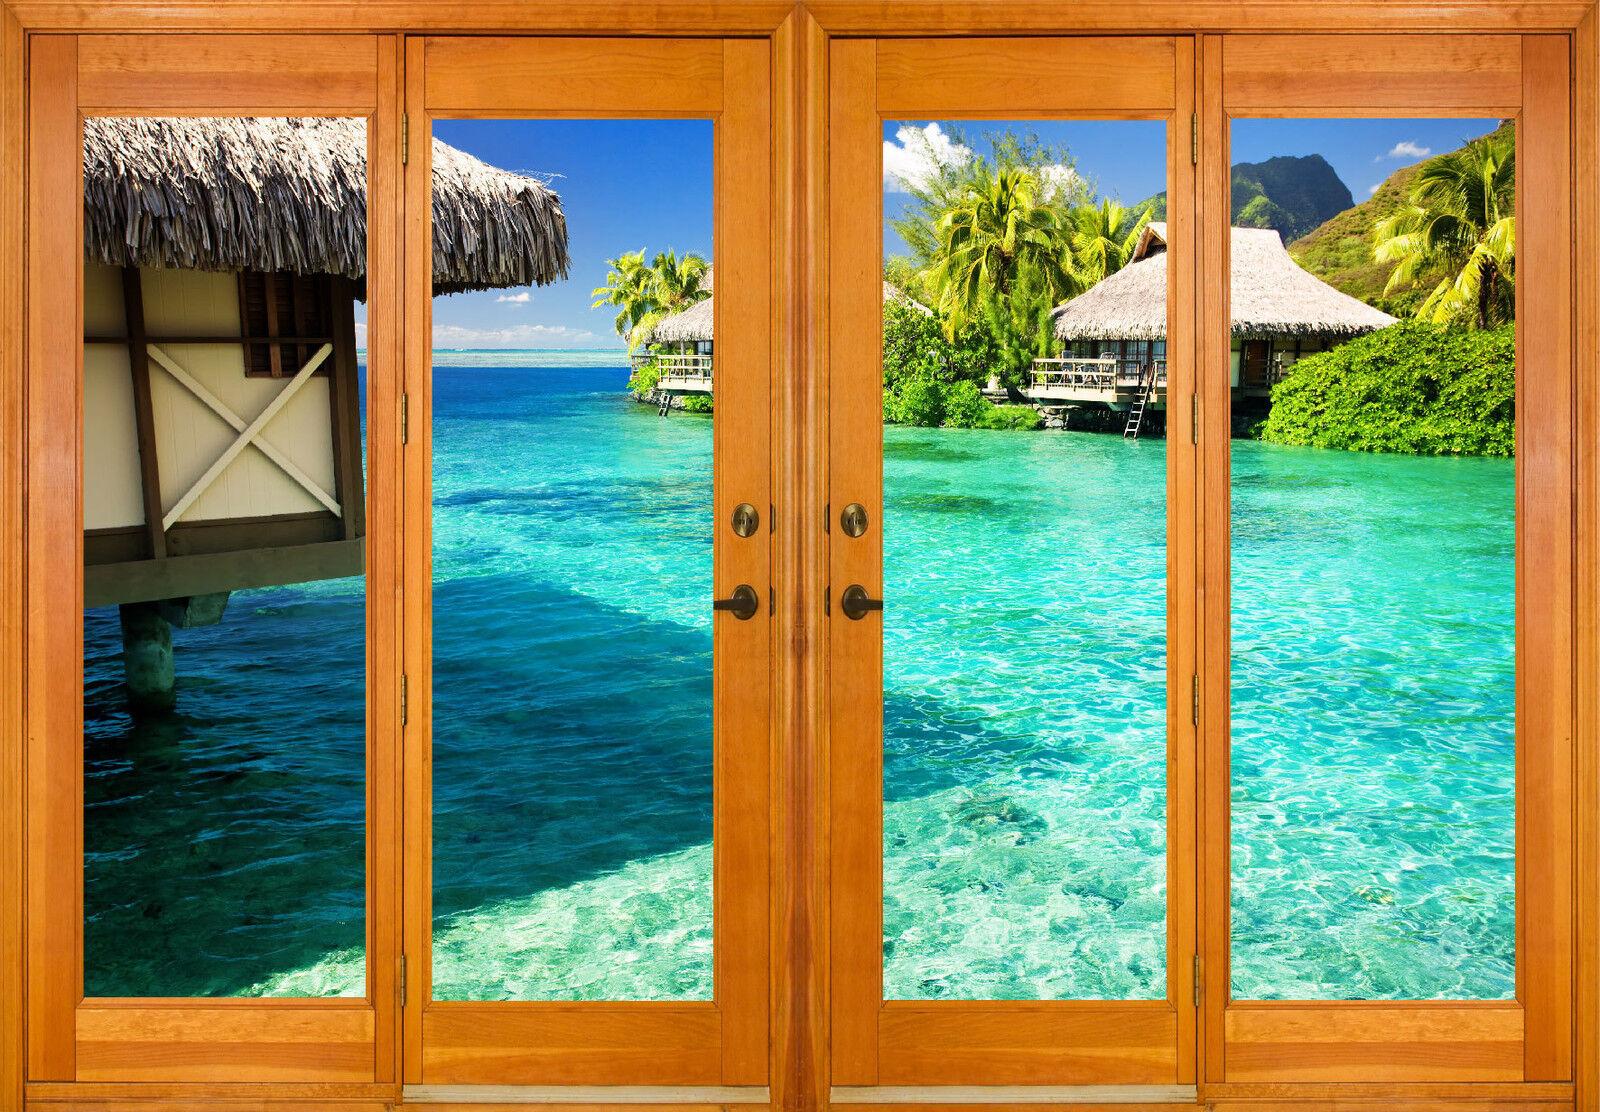 Aufkleber Fenster Schein Auge Deko Deko Deko der Maldives Ref 2558 (10 Größe) ab16f9